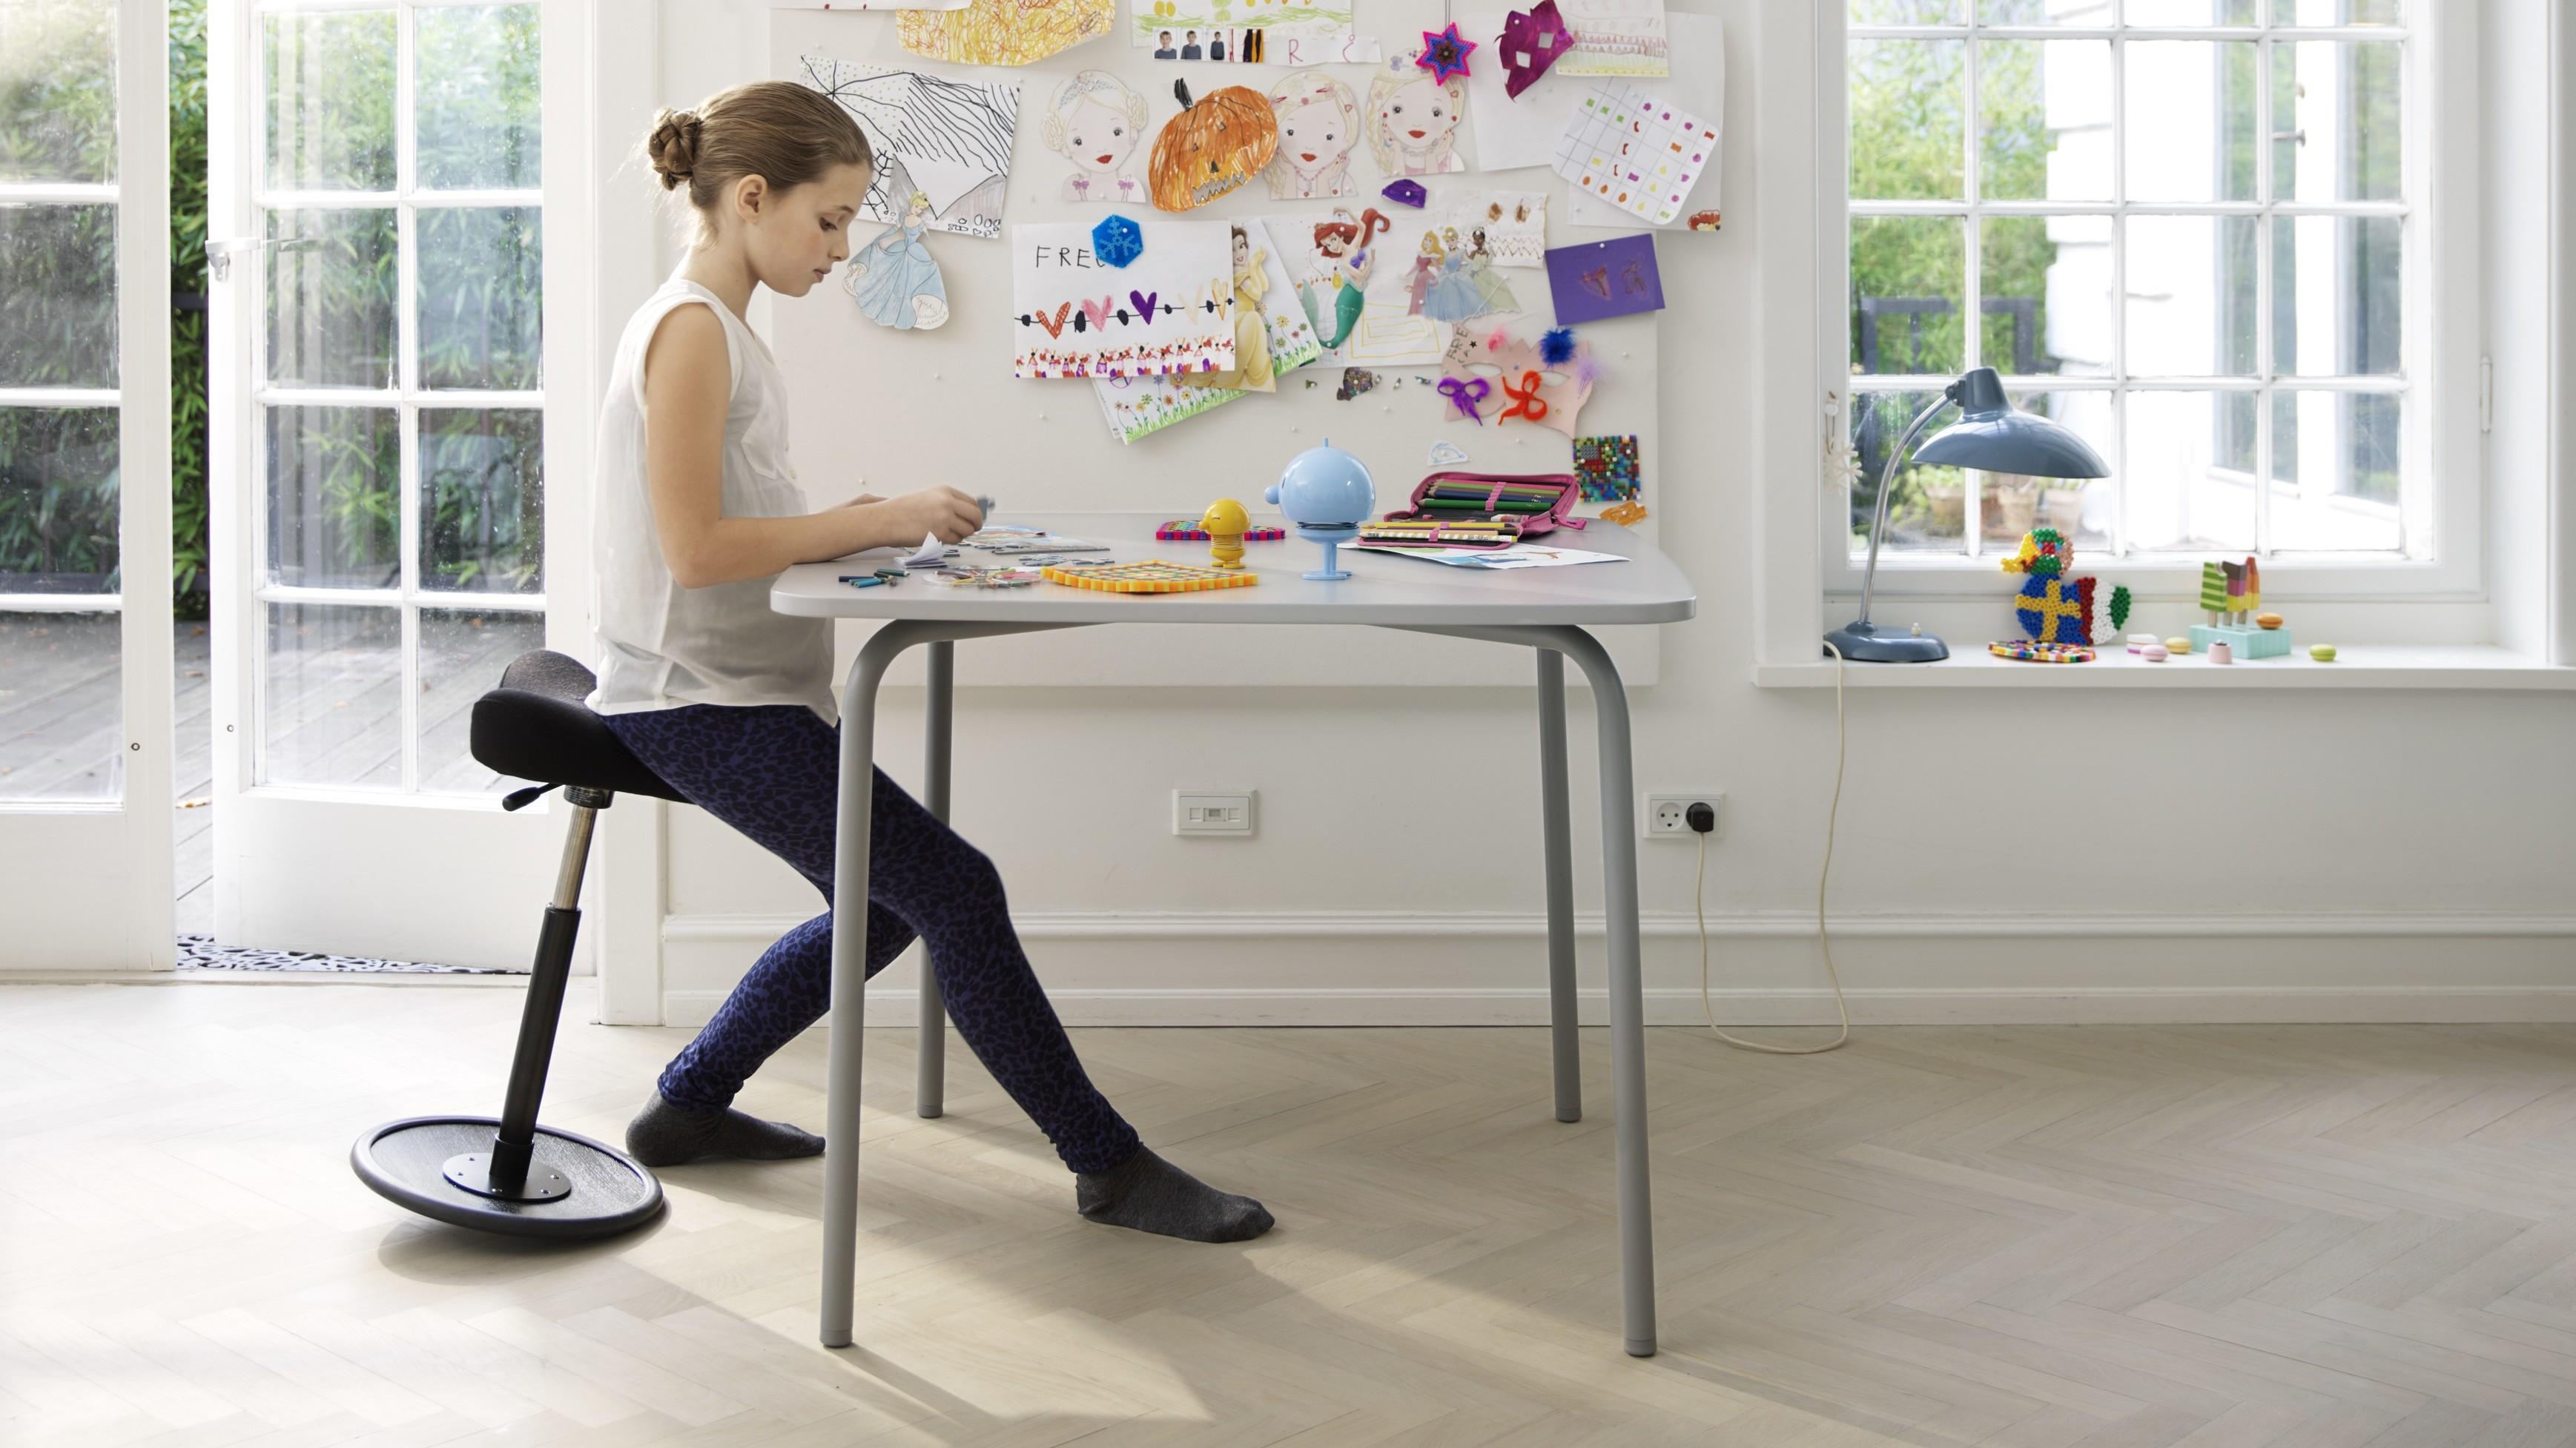 e scegliere una sedia ergonomica – 2 la seduta a sella